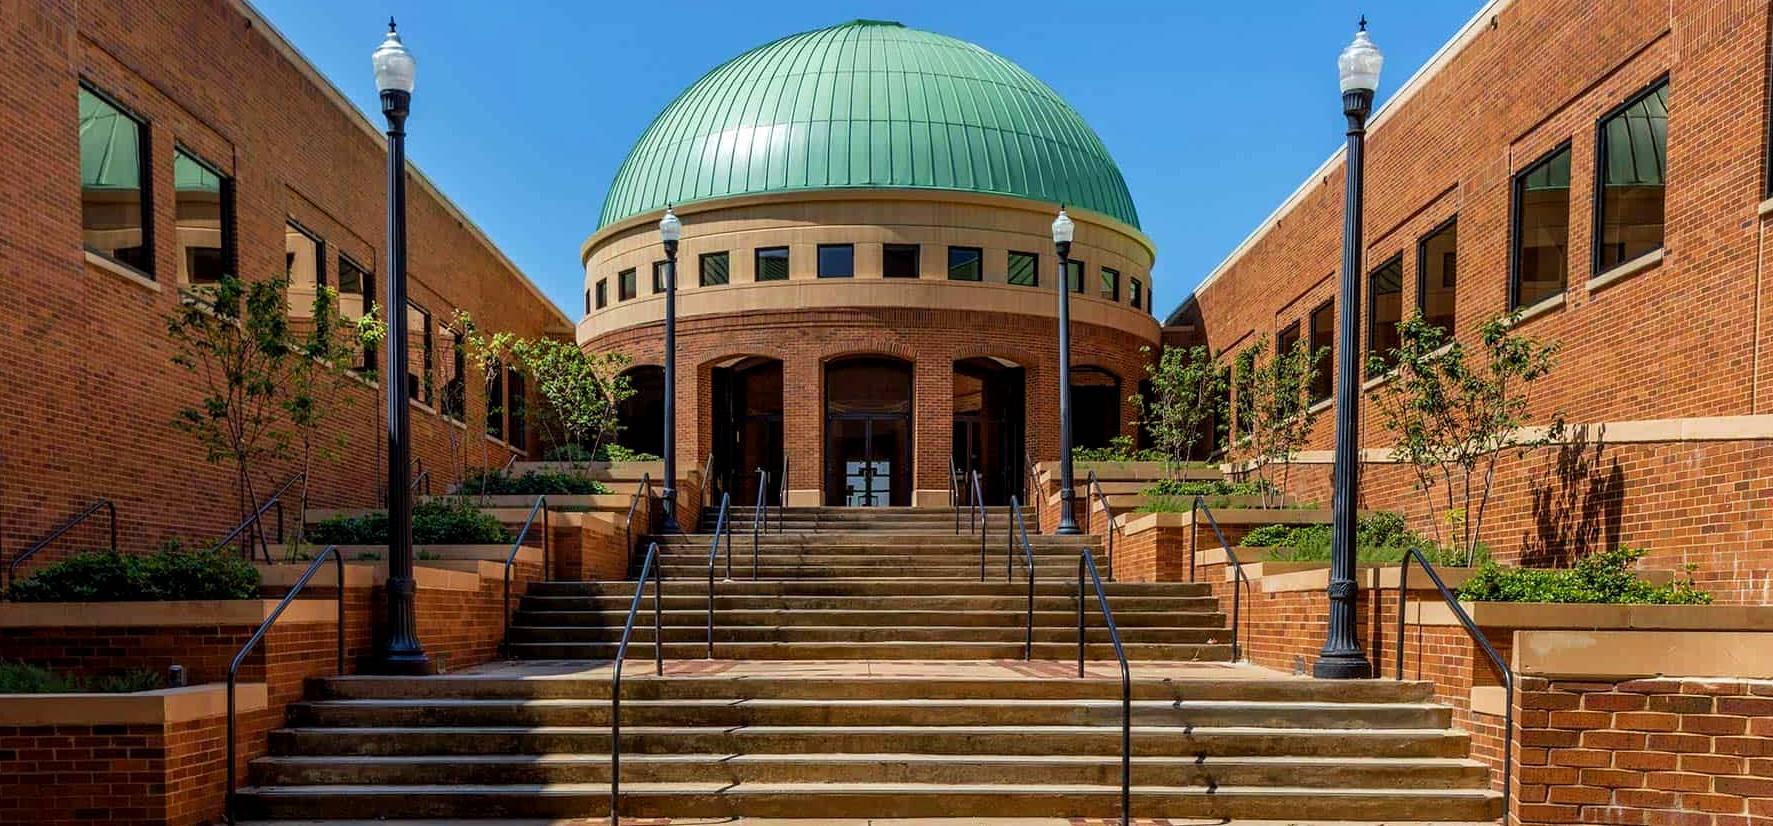 Civil Rights Institute. Birmingham